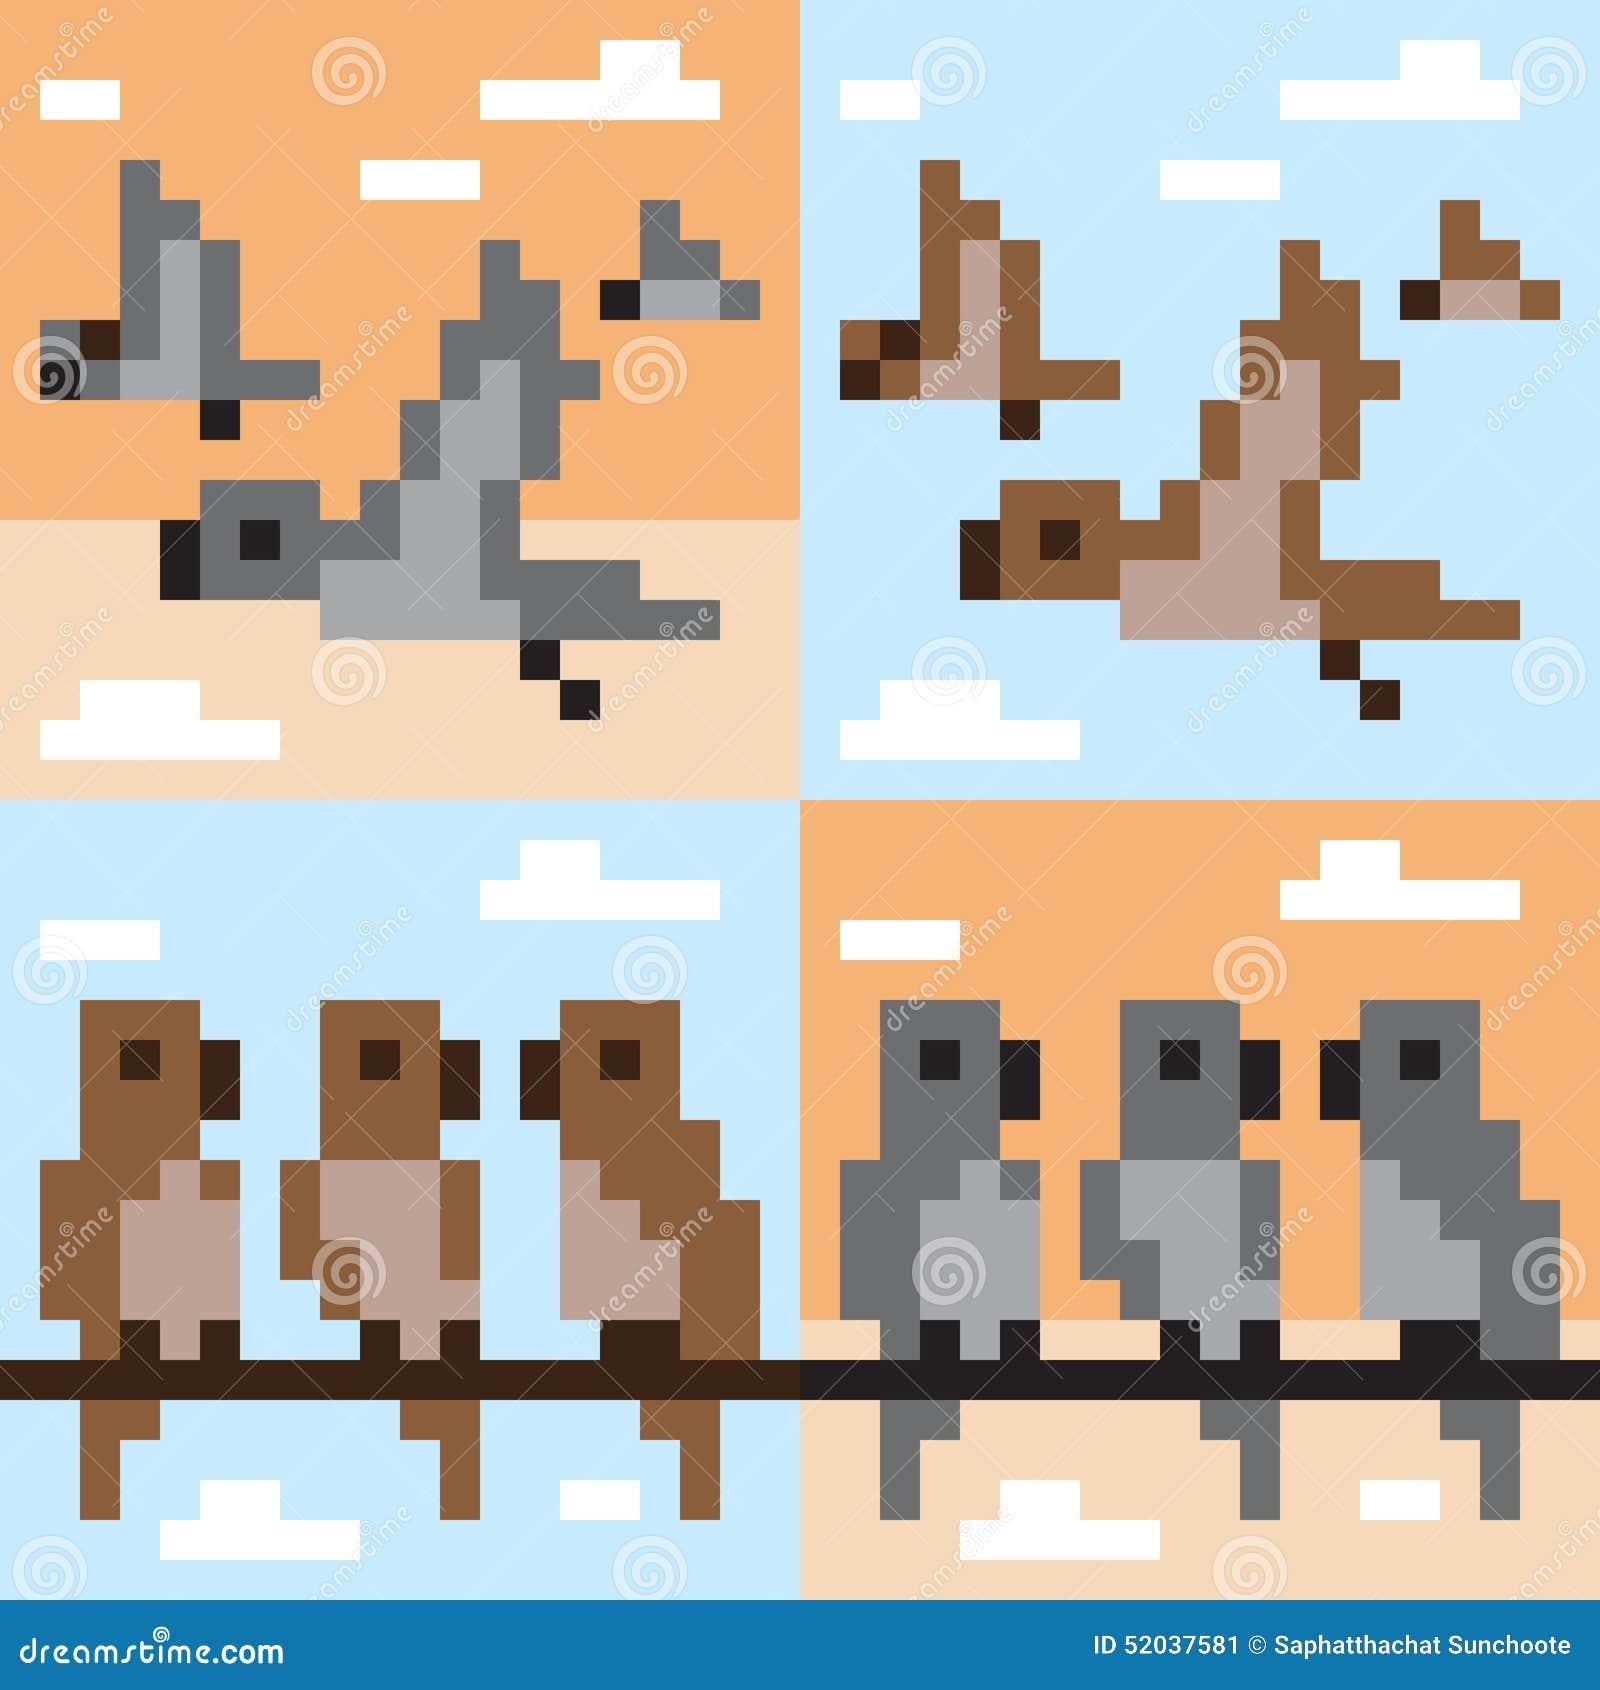 Mouche d 39 oiseau d 39 art de pixel de mod le illustration de vecteur illustration 52037581 - Oiseau mouche dessin ...